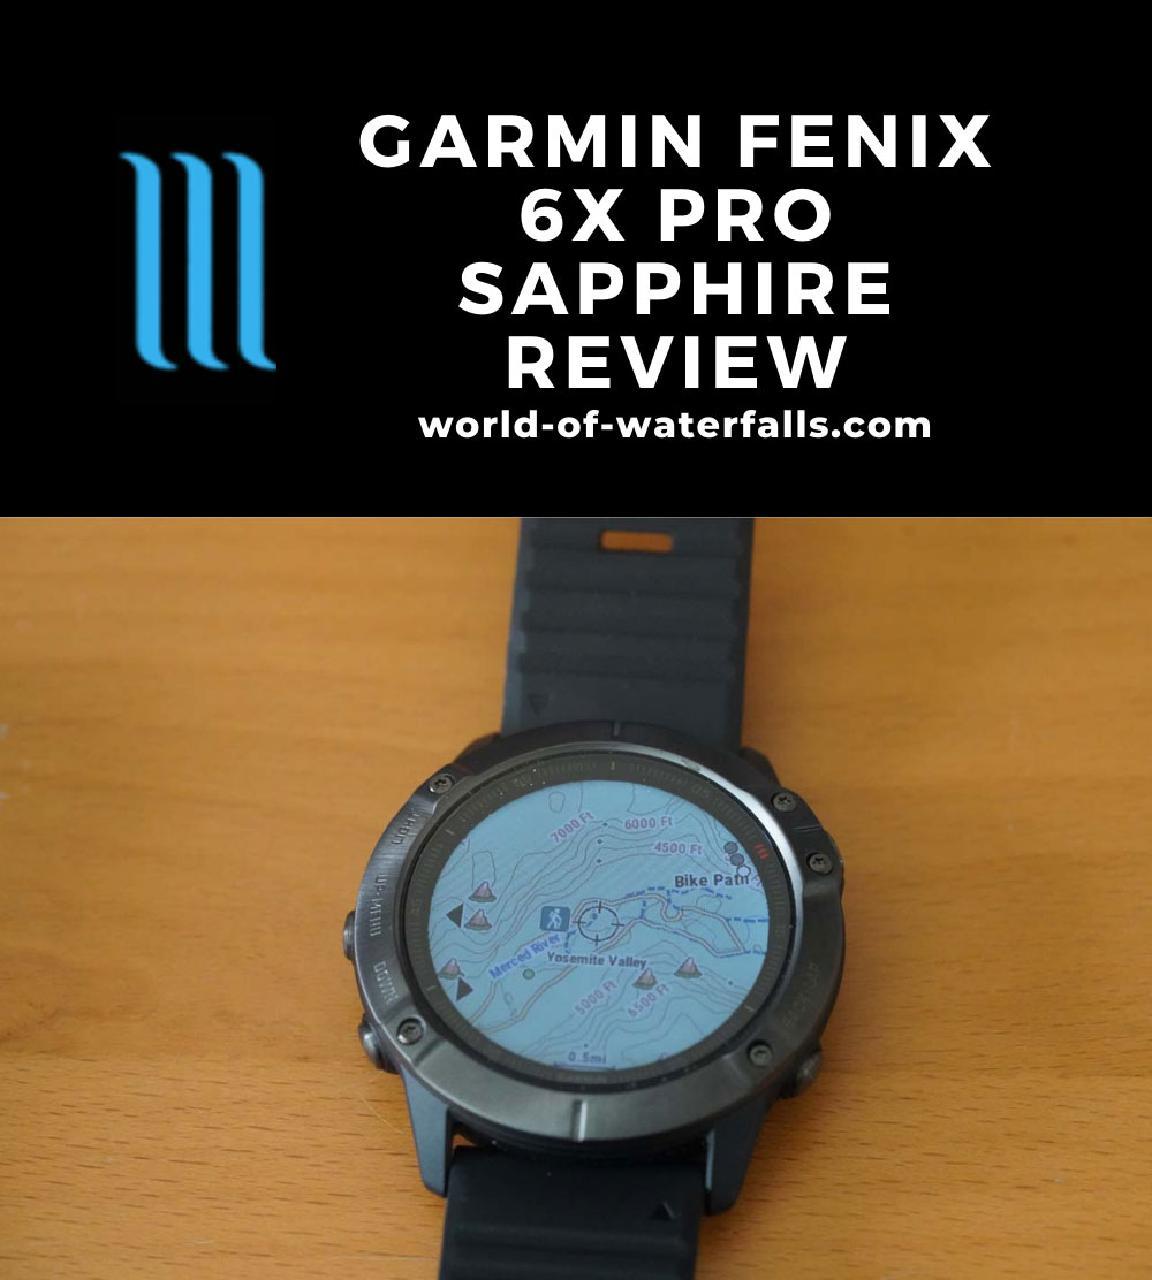 The Garmin Fenix 6X Pro Sapphire Smart Watch